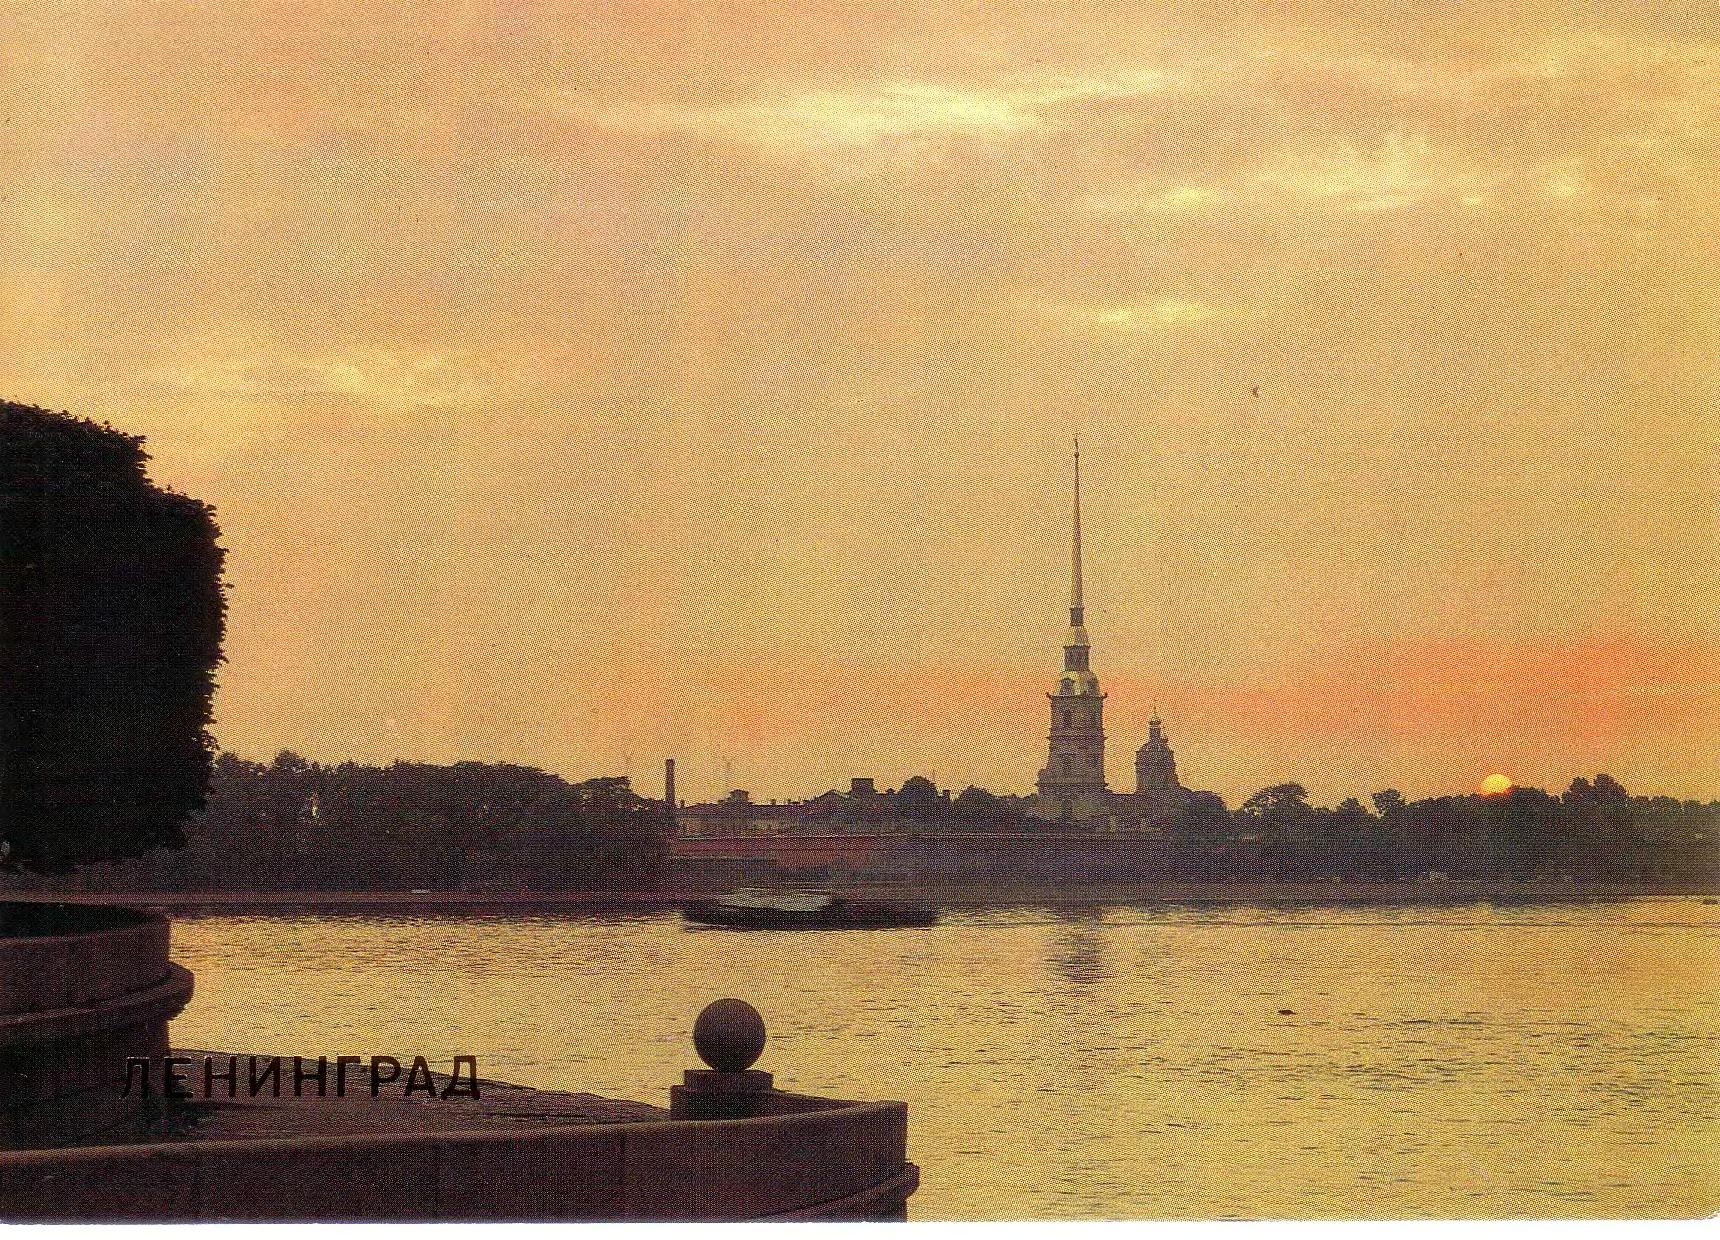 понимаю, сборник фотографий ленинграда телефон ваш